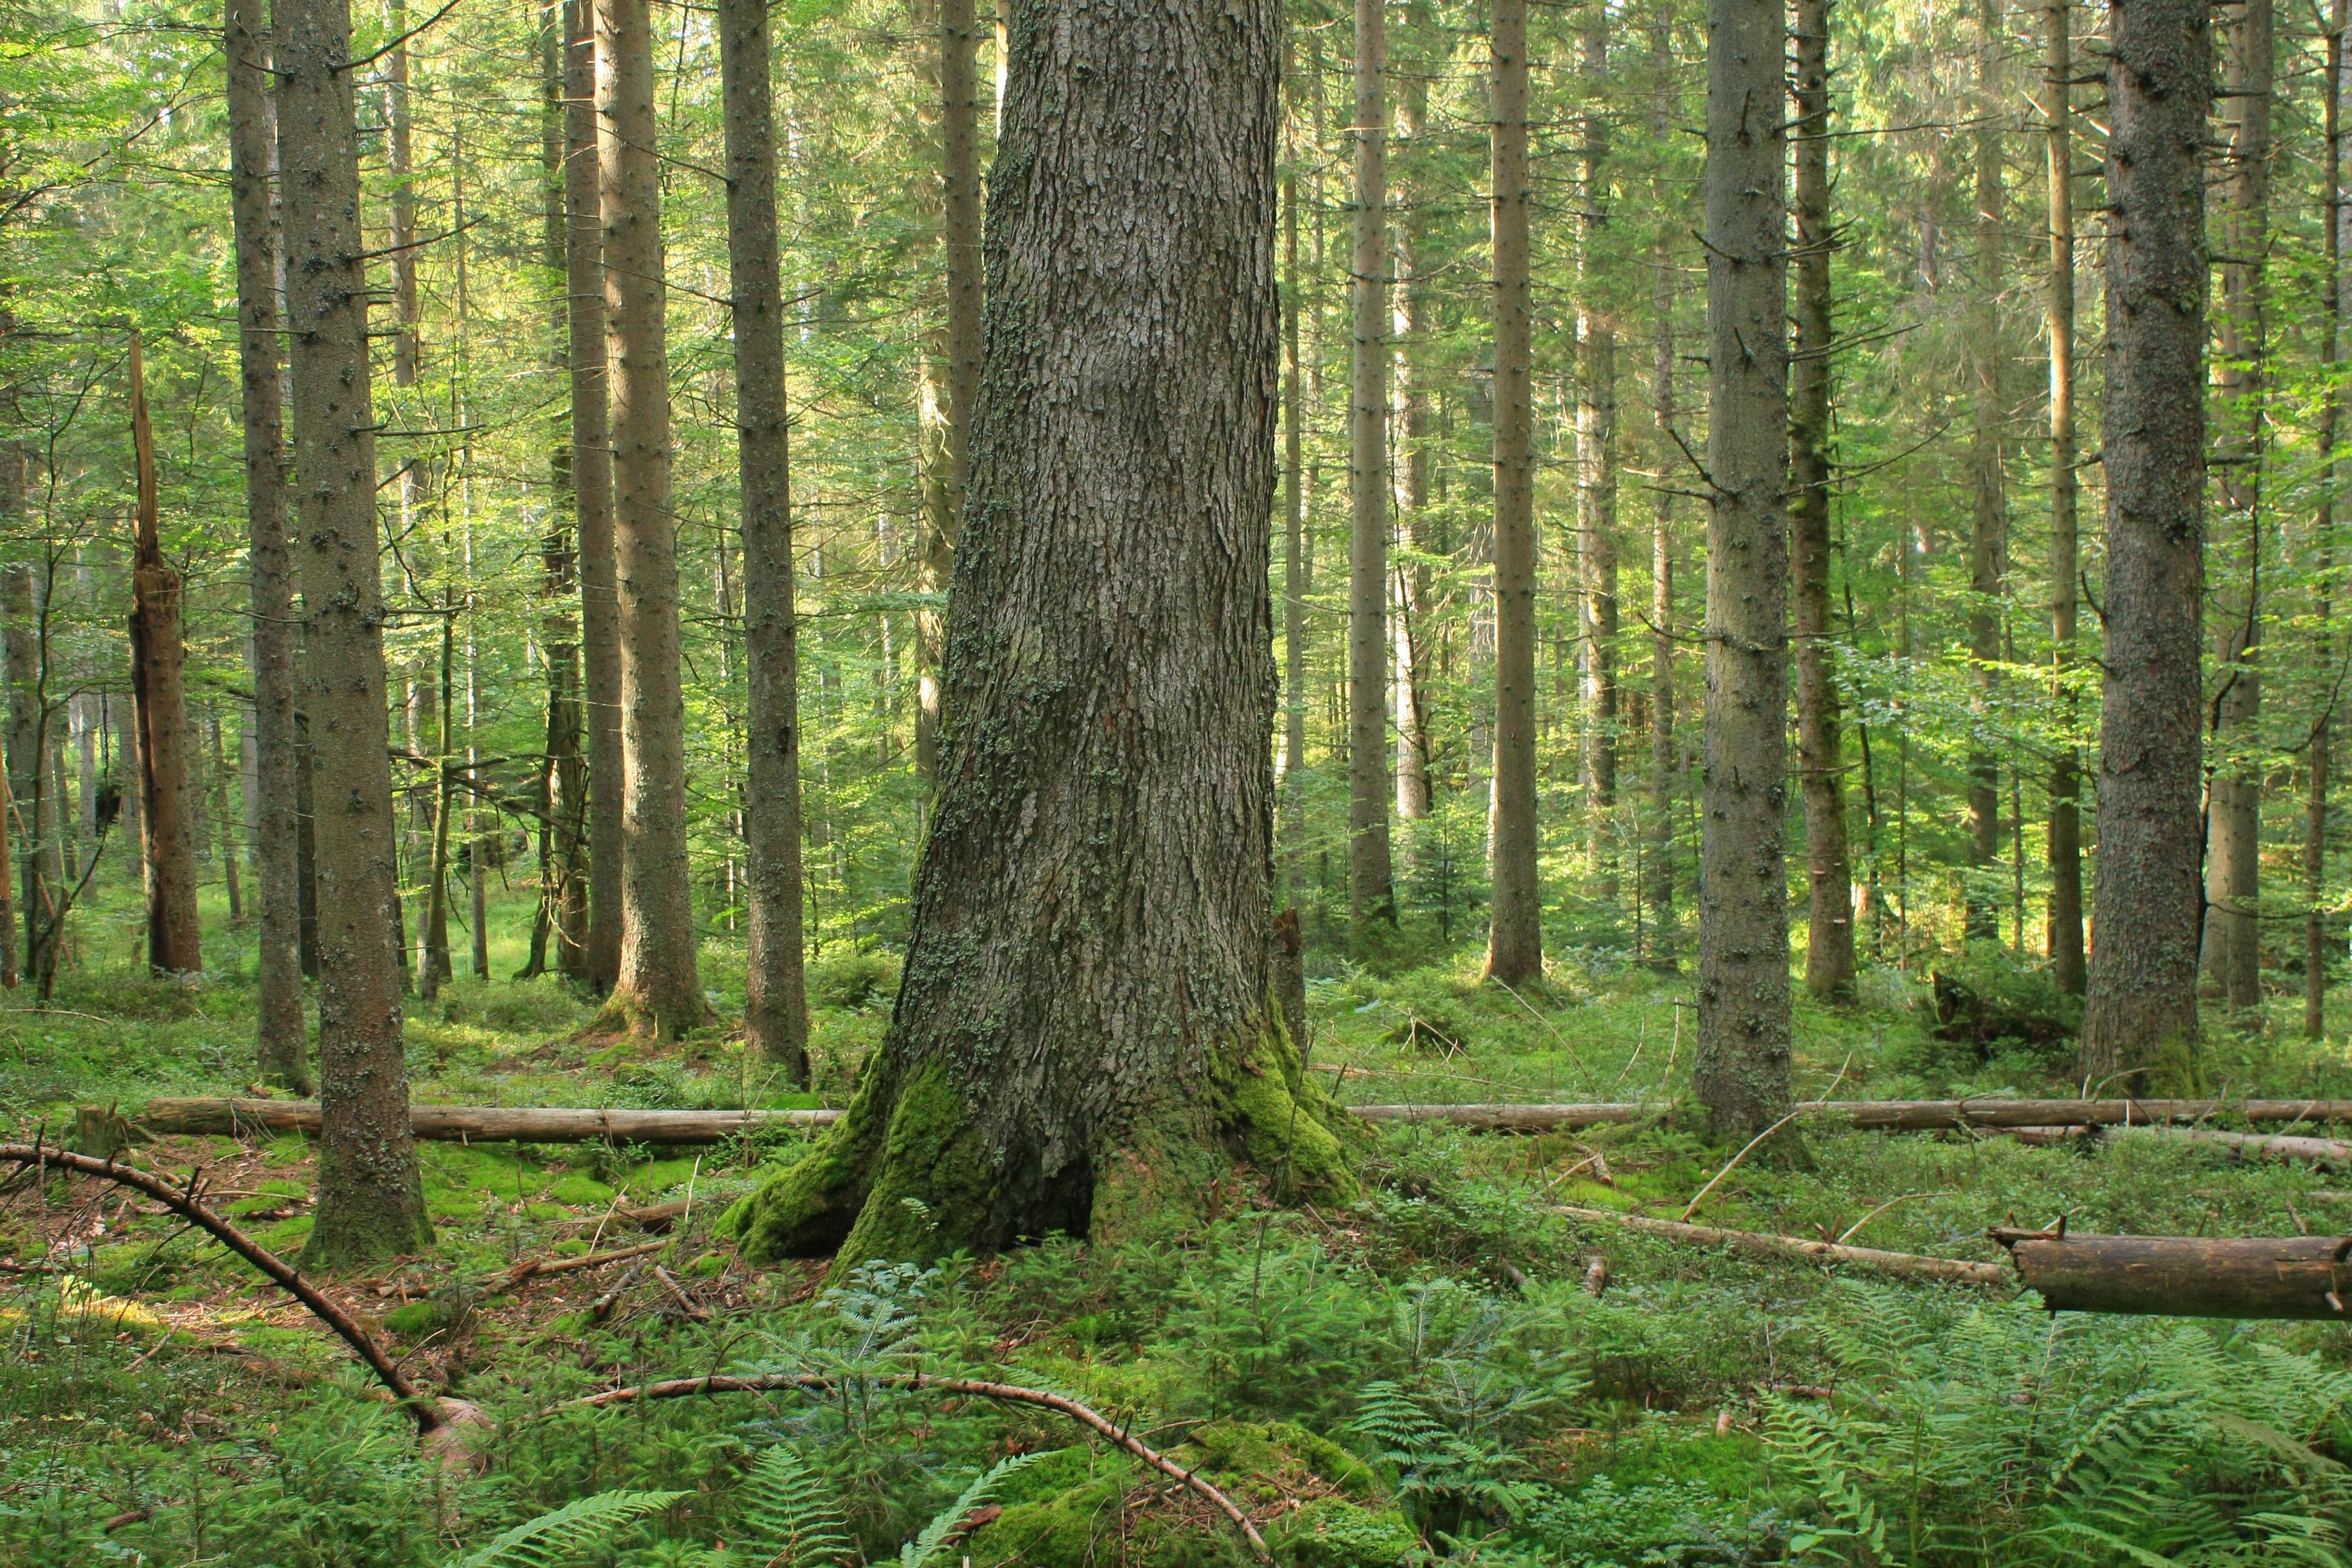 beim Zwiesler Waldhaus, Aufichtenwald, Gemeine Fichte (Picea abies), Heidelbeere (Vaccinium myrtillus)